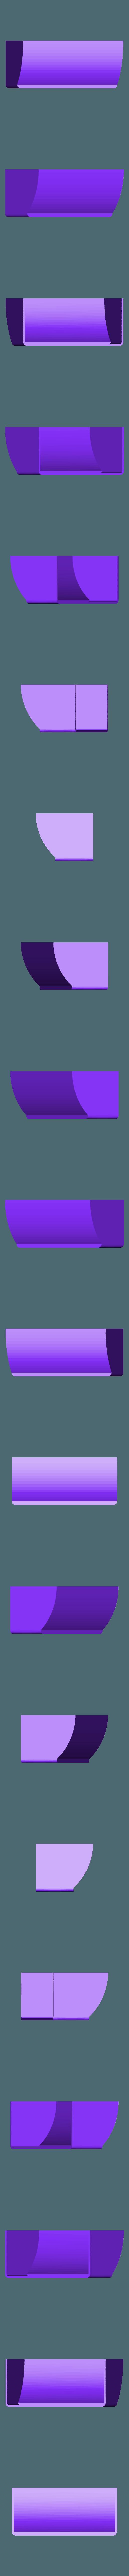 shroud.stl Télécharger fichier STL gratuit ABS Anet A8 fan shroud (mesure anti-gauchissement) • Objet pour impression 3D, 000286